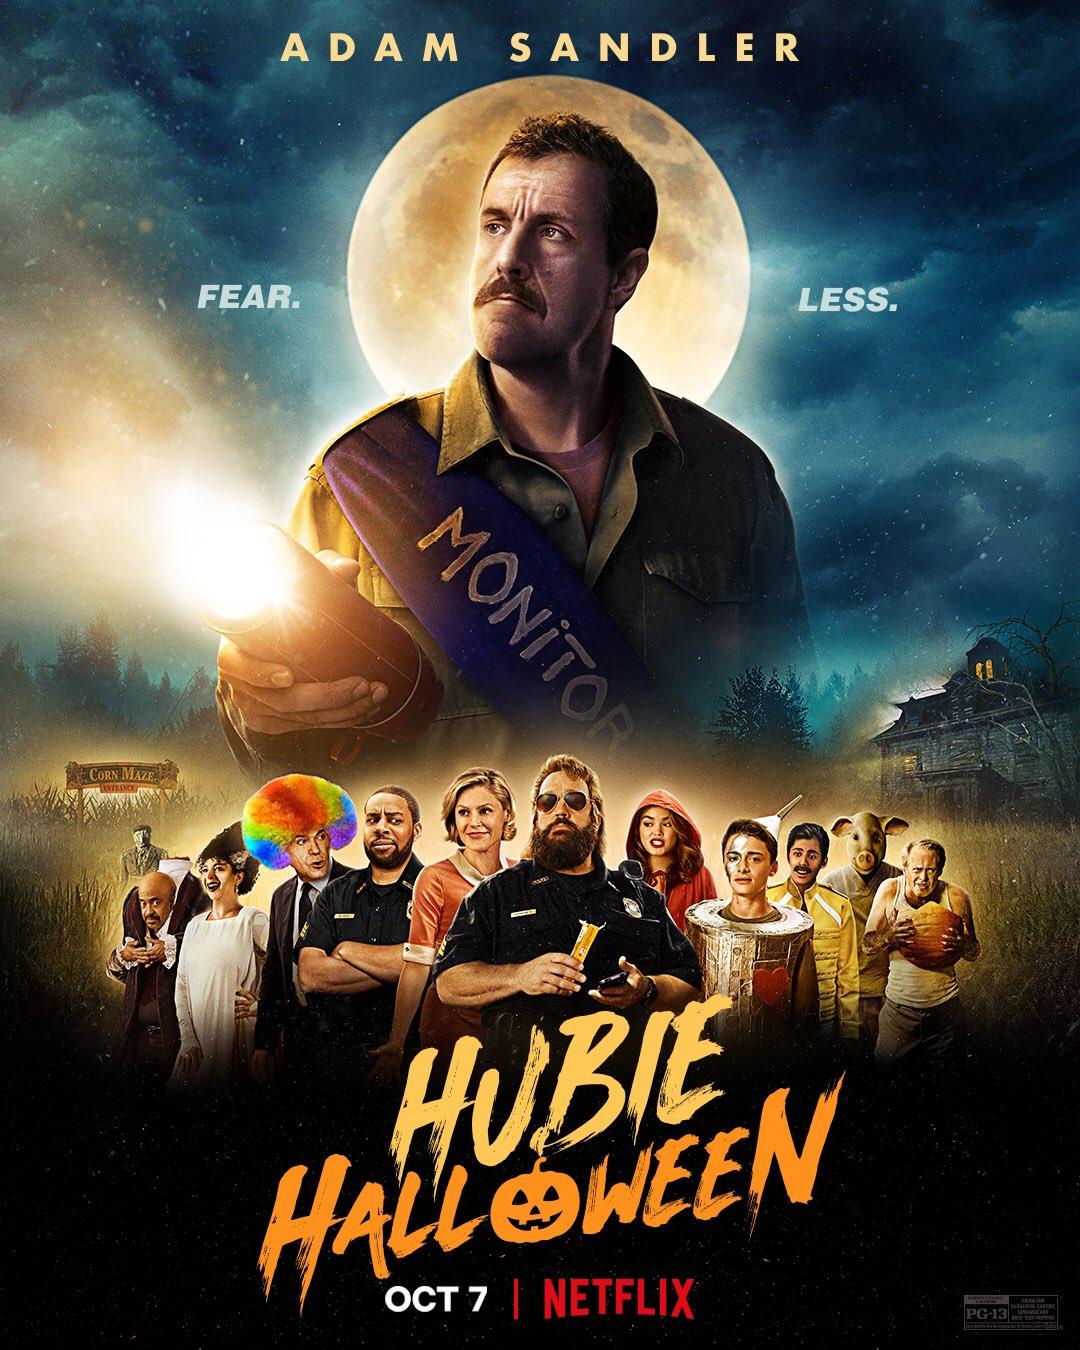 Halloween 2020 Review Spoilers Hubie Halloween Review (Spoilers)   SUPicket